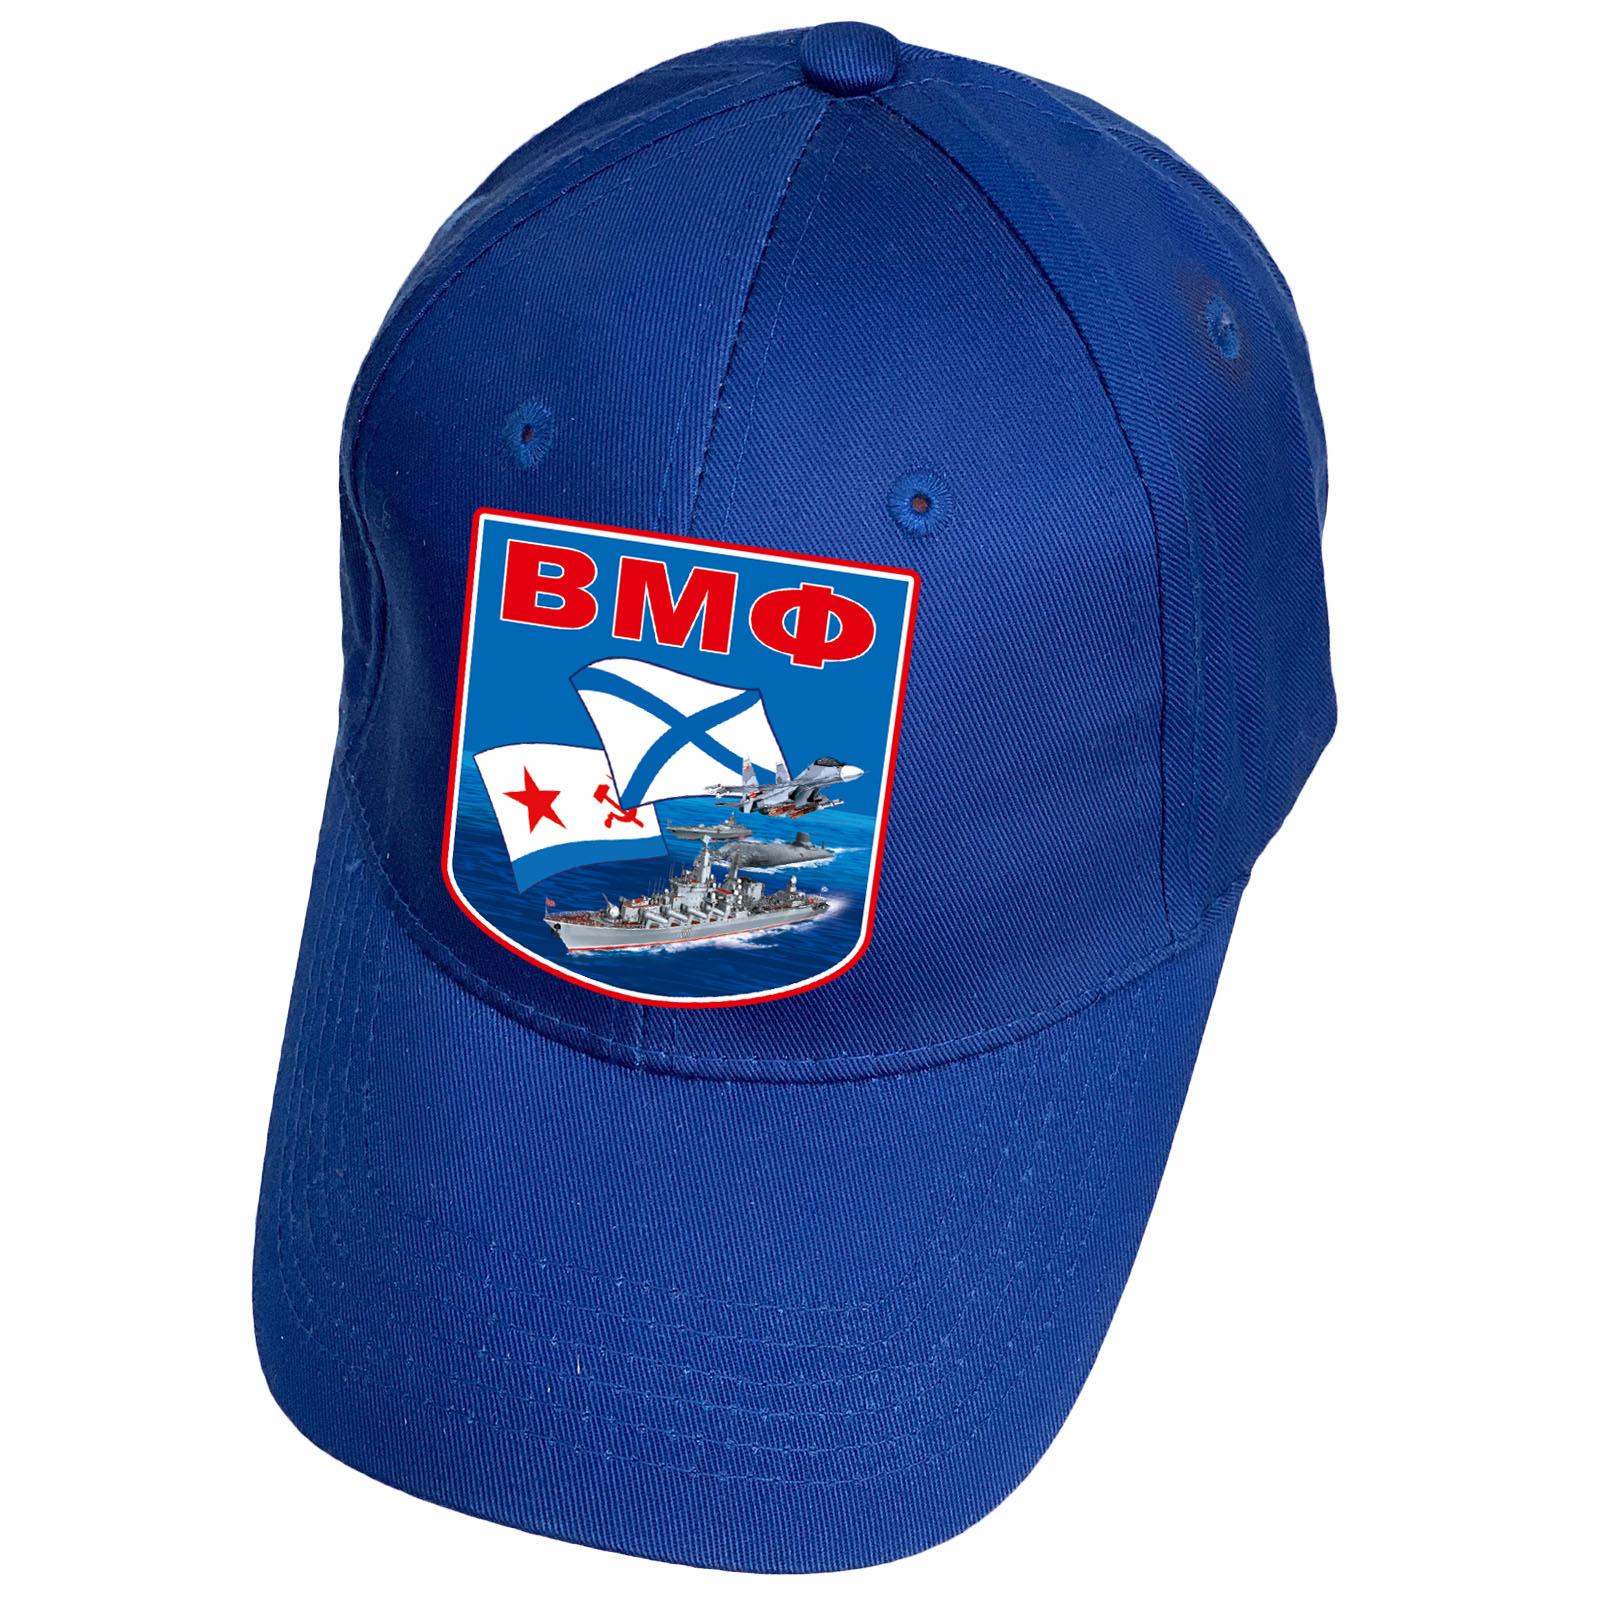 Бейсболка синяя с термотрансфером ВМФ